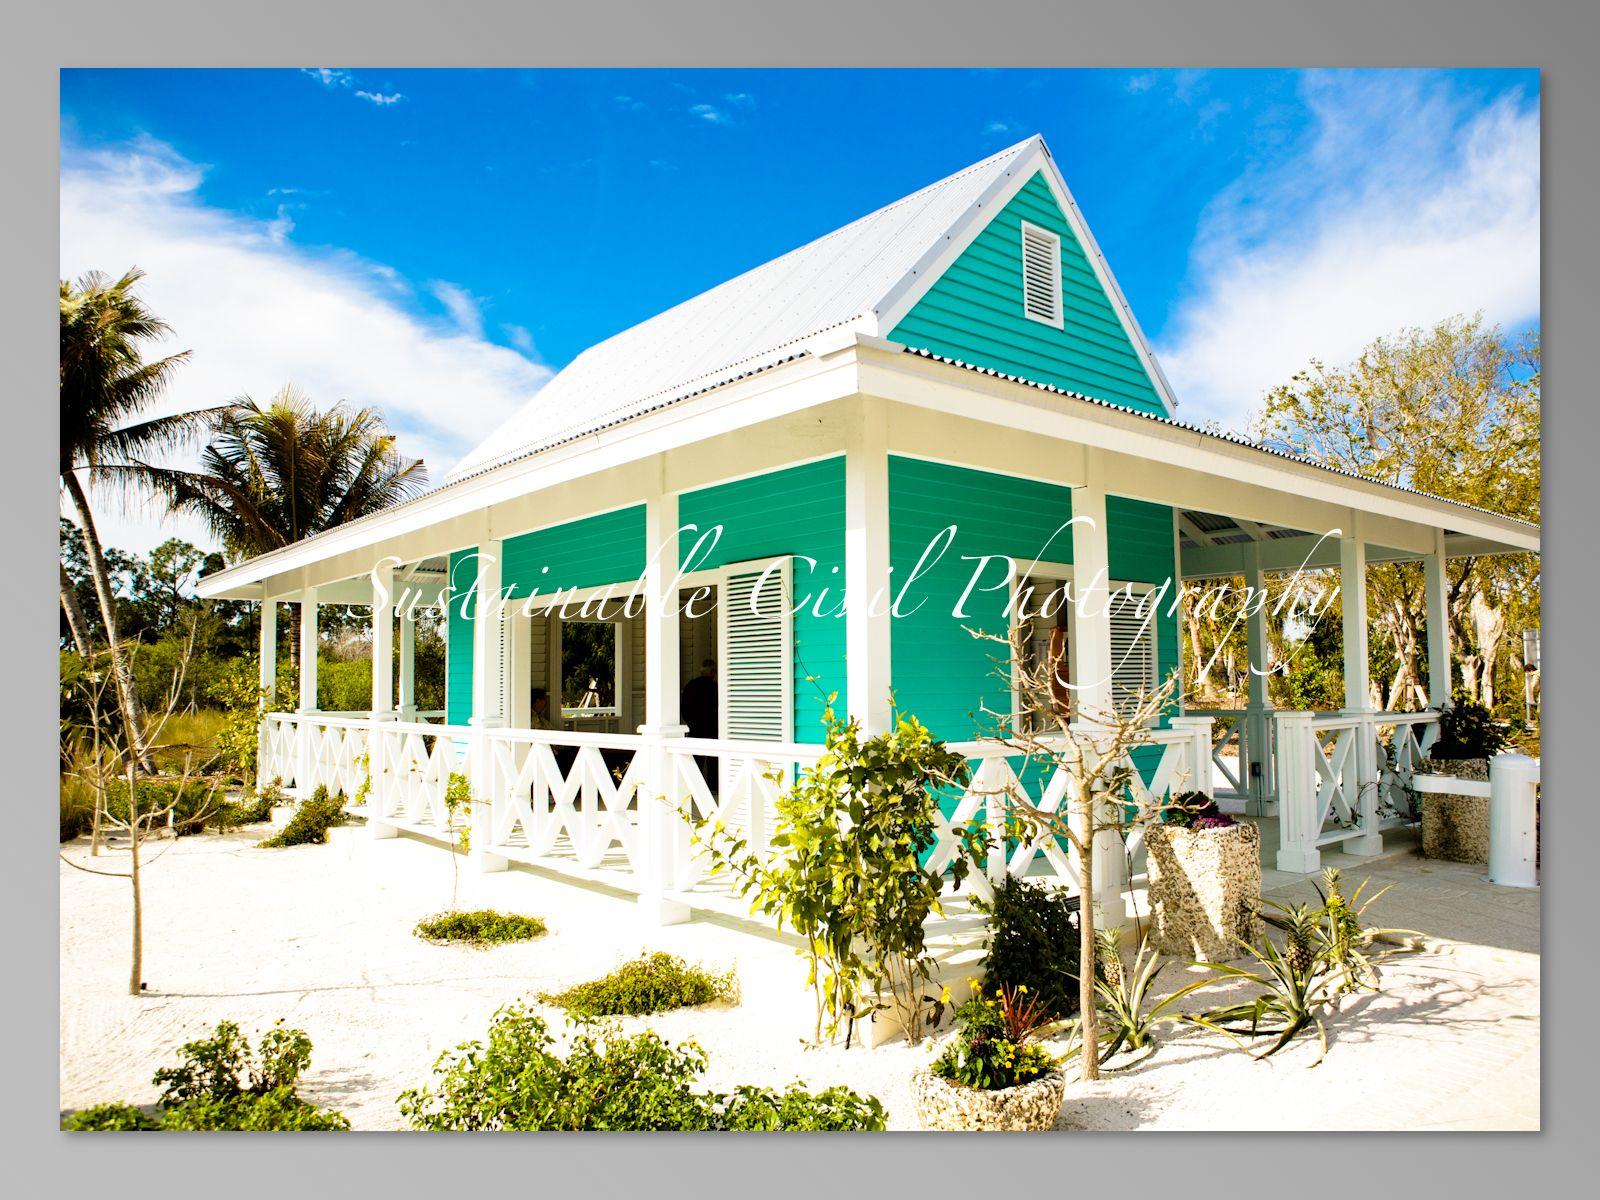 Best Key West Style Trending Ideas On Pinterest Key West - Key west style home designs